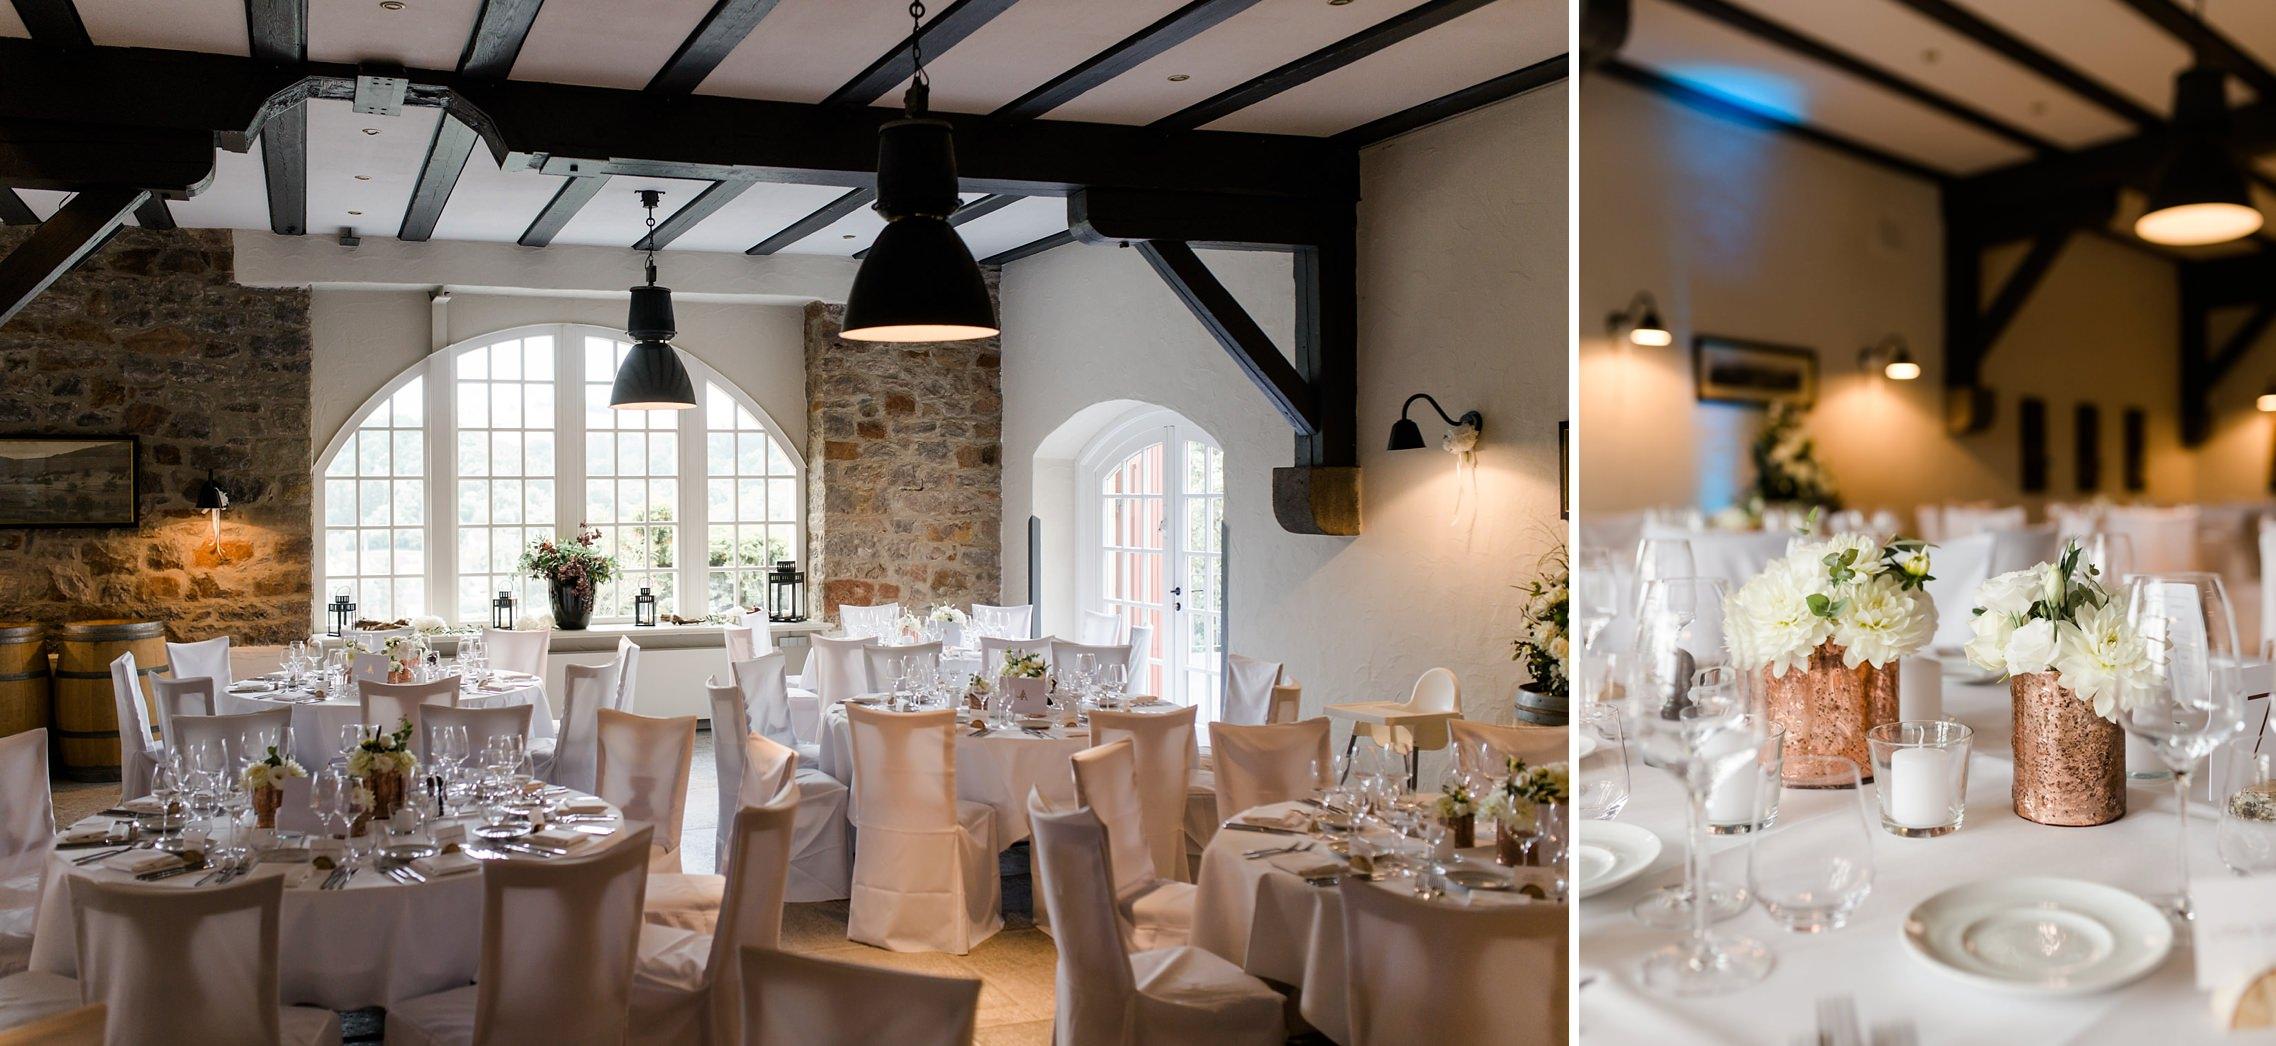 Blick in den festlich gedeckten Saal des Gut Hermannsberg bei einer Hochzeitsfeier.